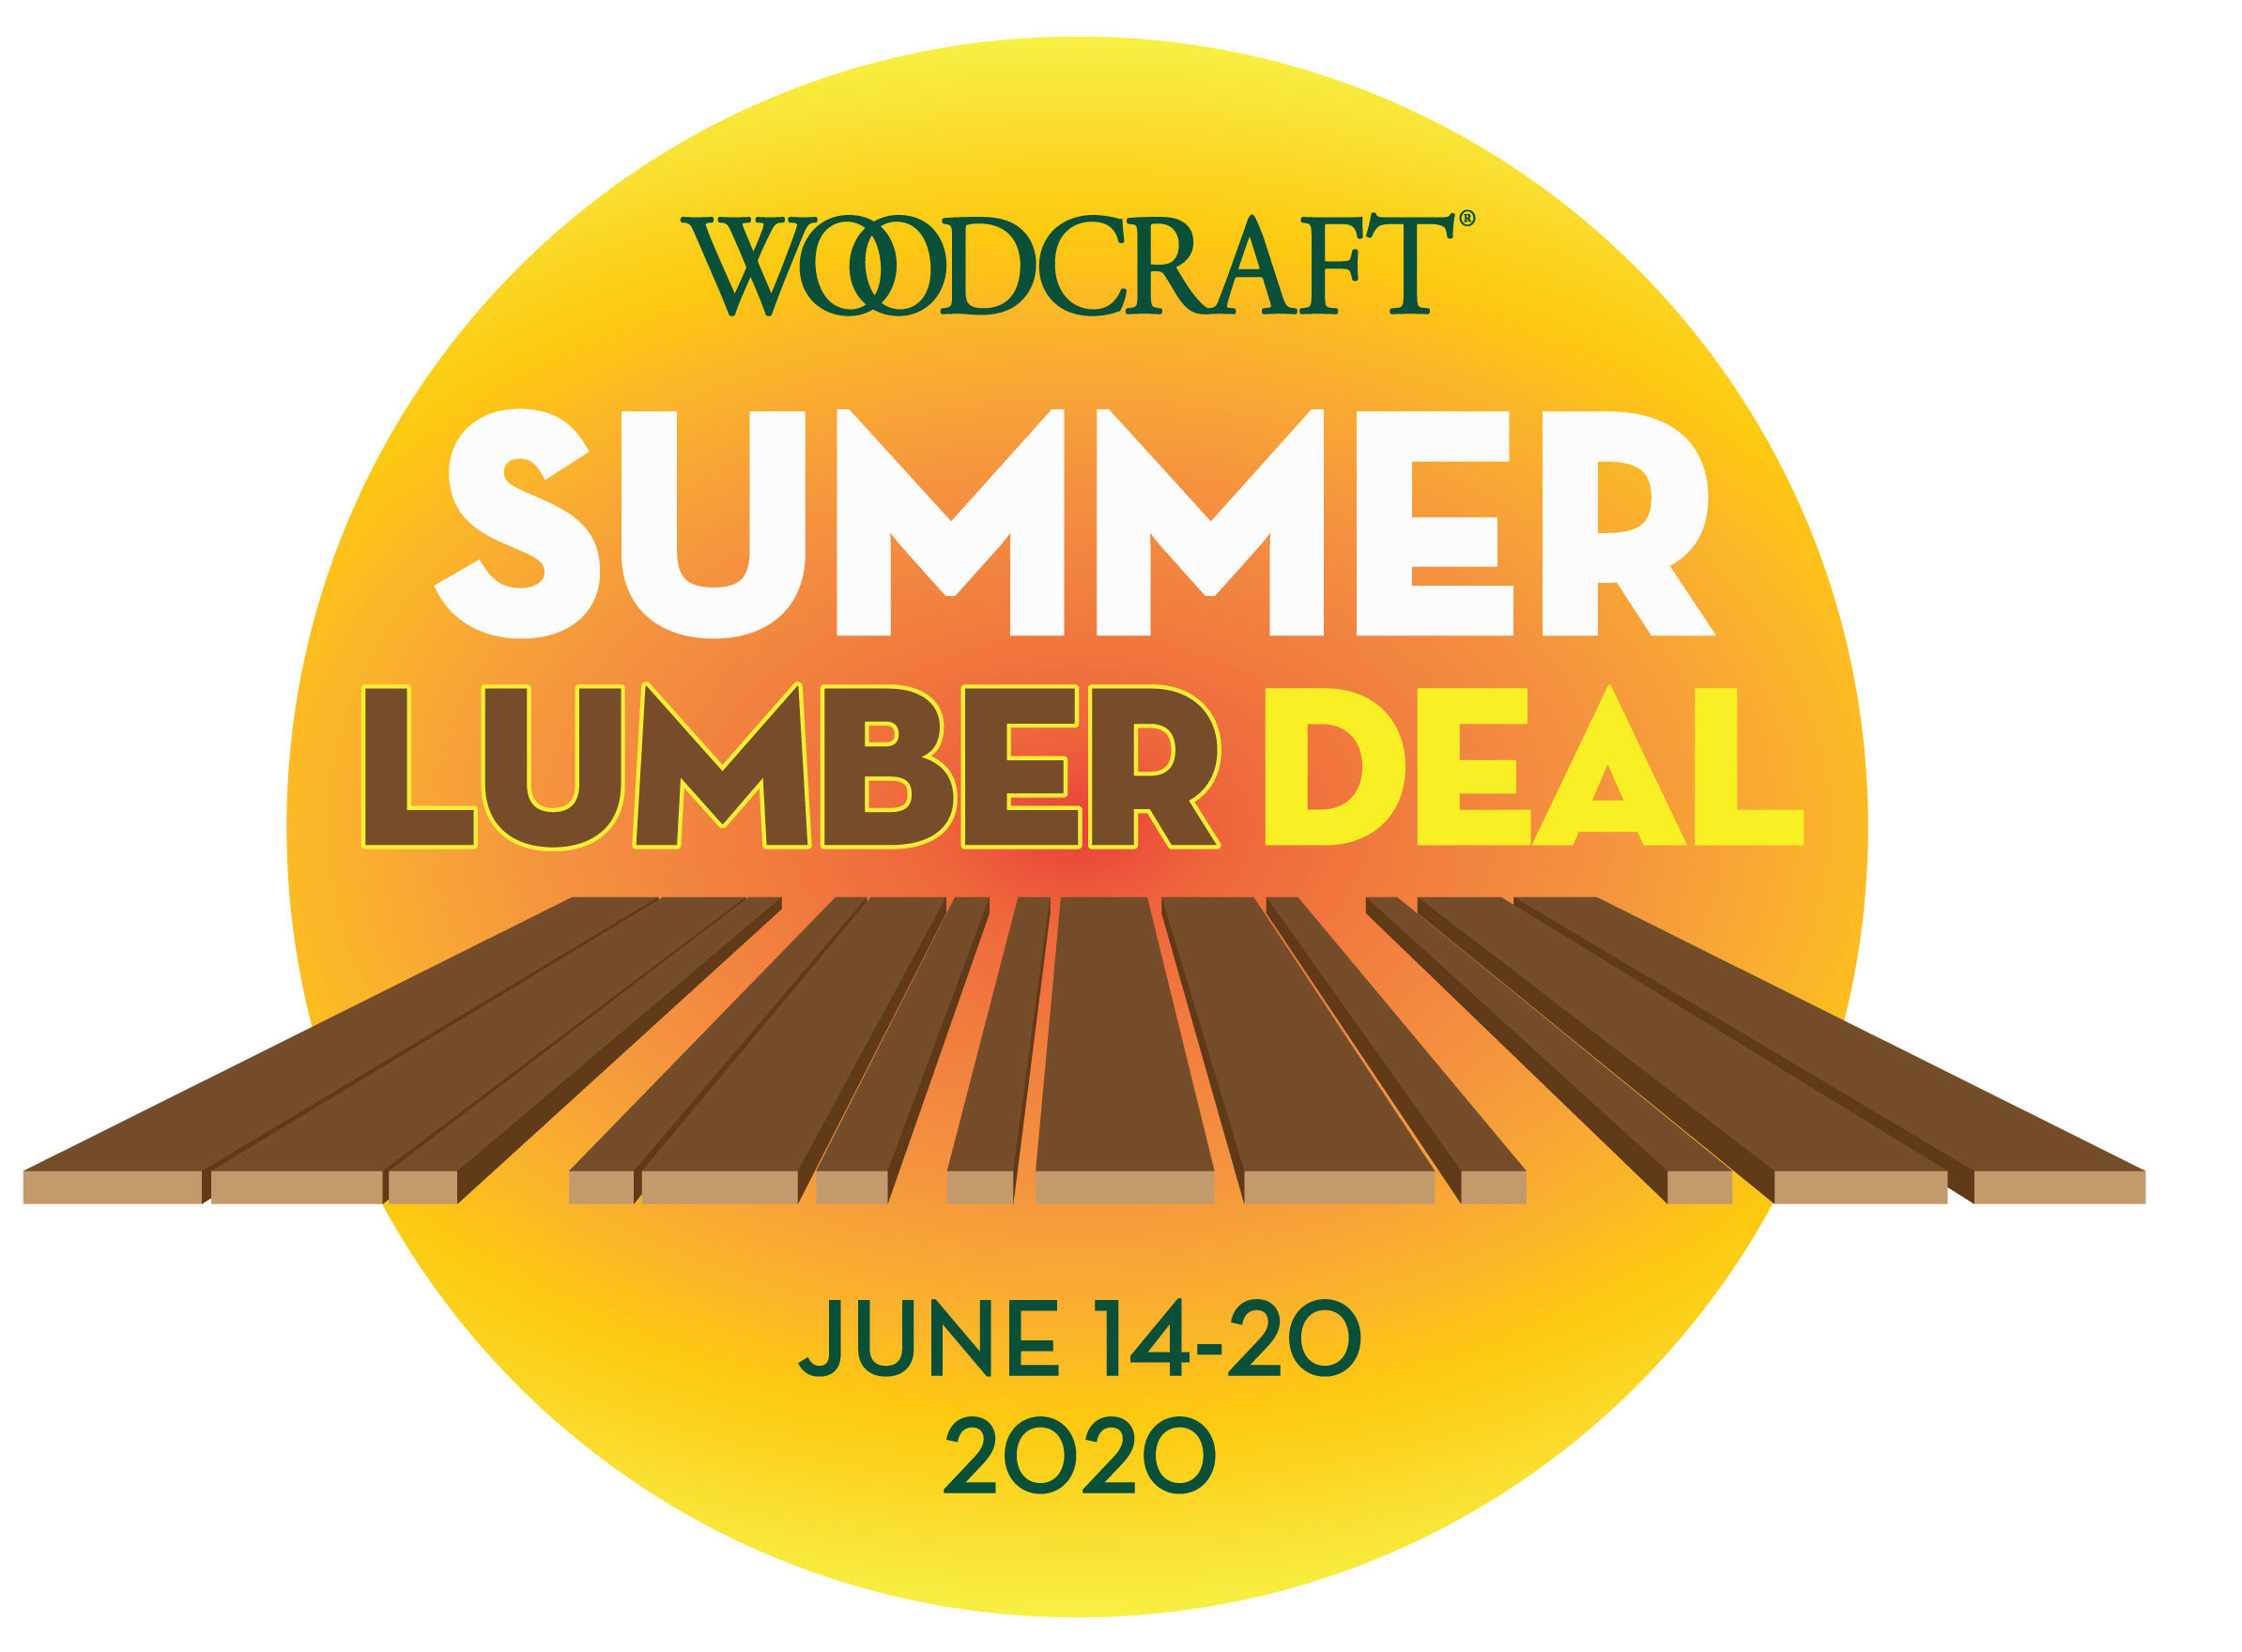 summer-lumber-deal-minneapolis